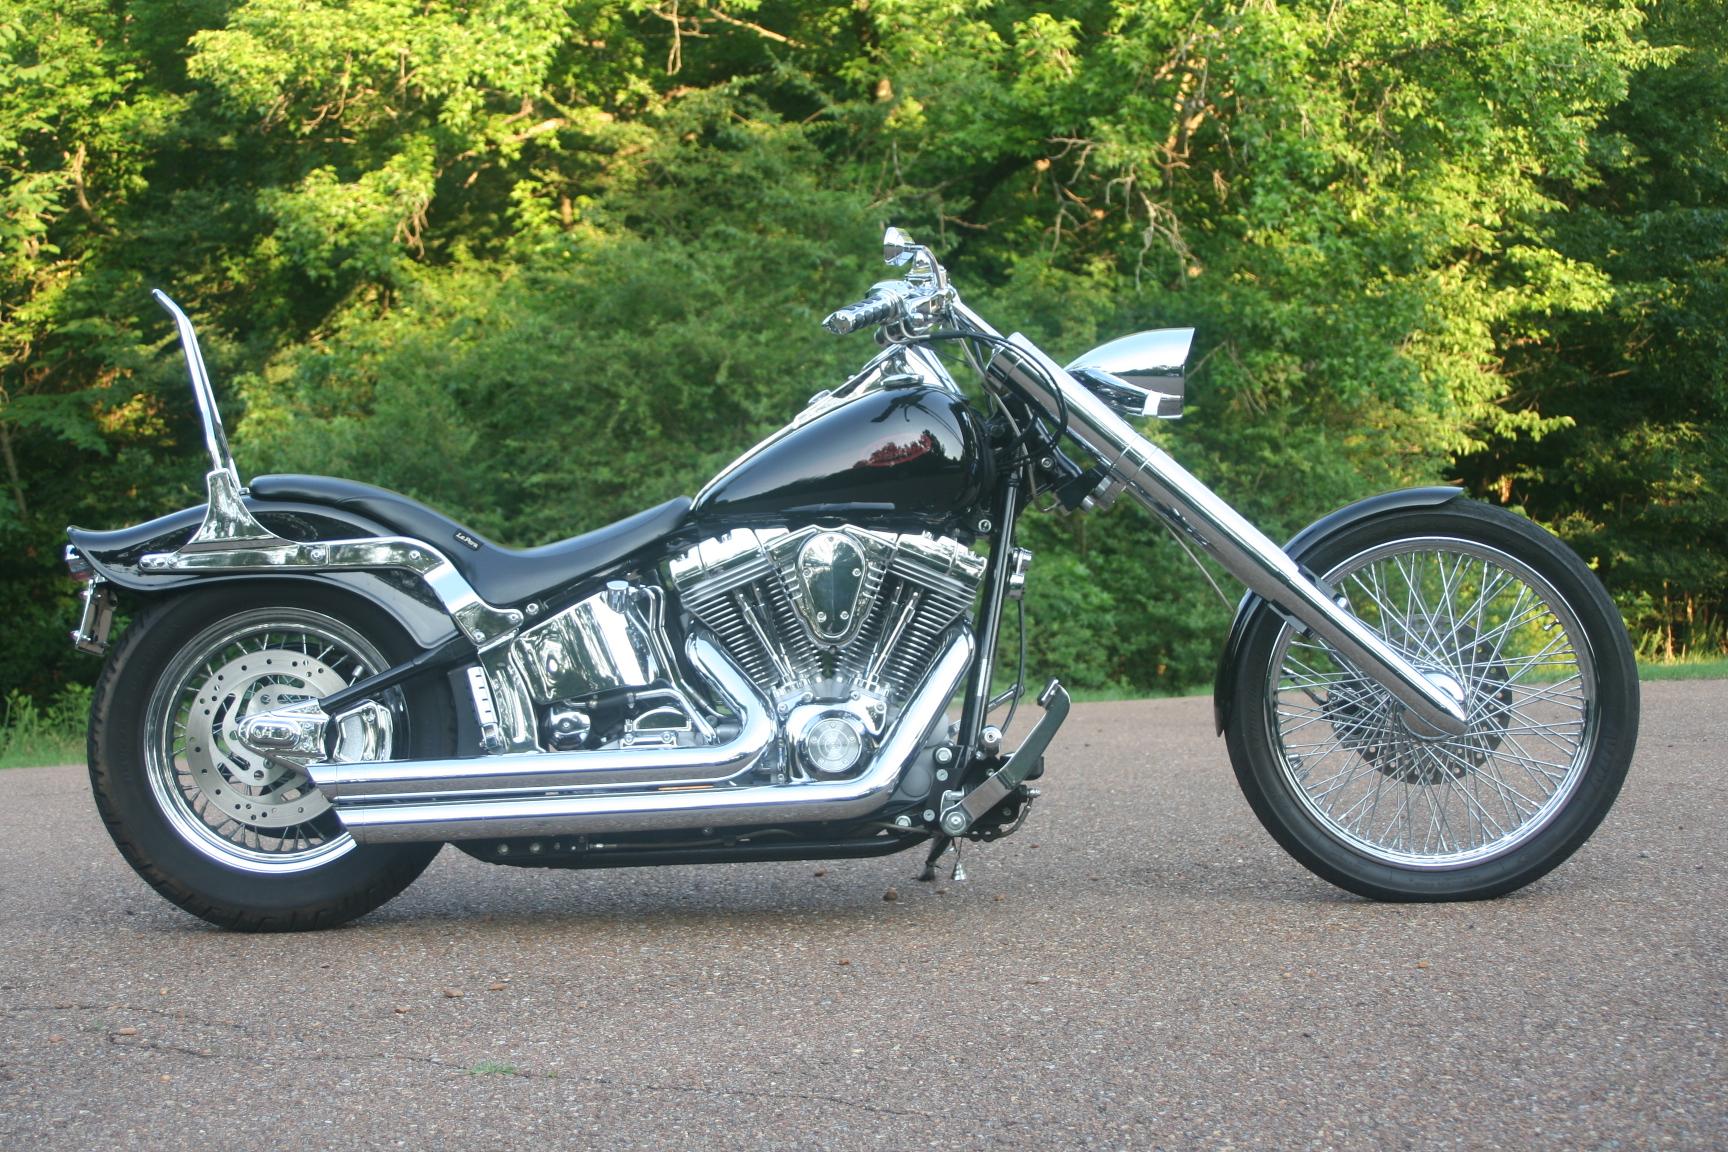 Chopper Kit Harley Davidson Chopper Kits 9 Deg 14 Deg